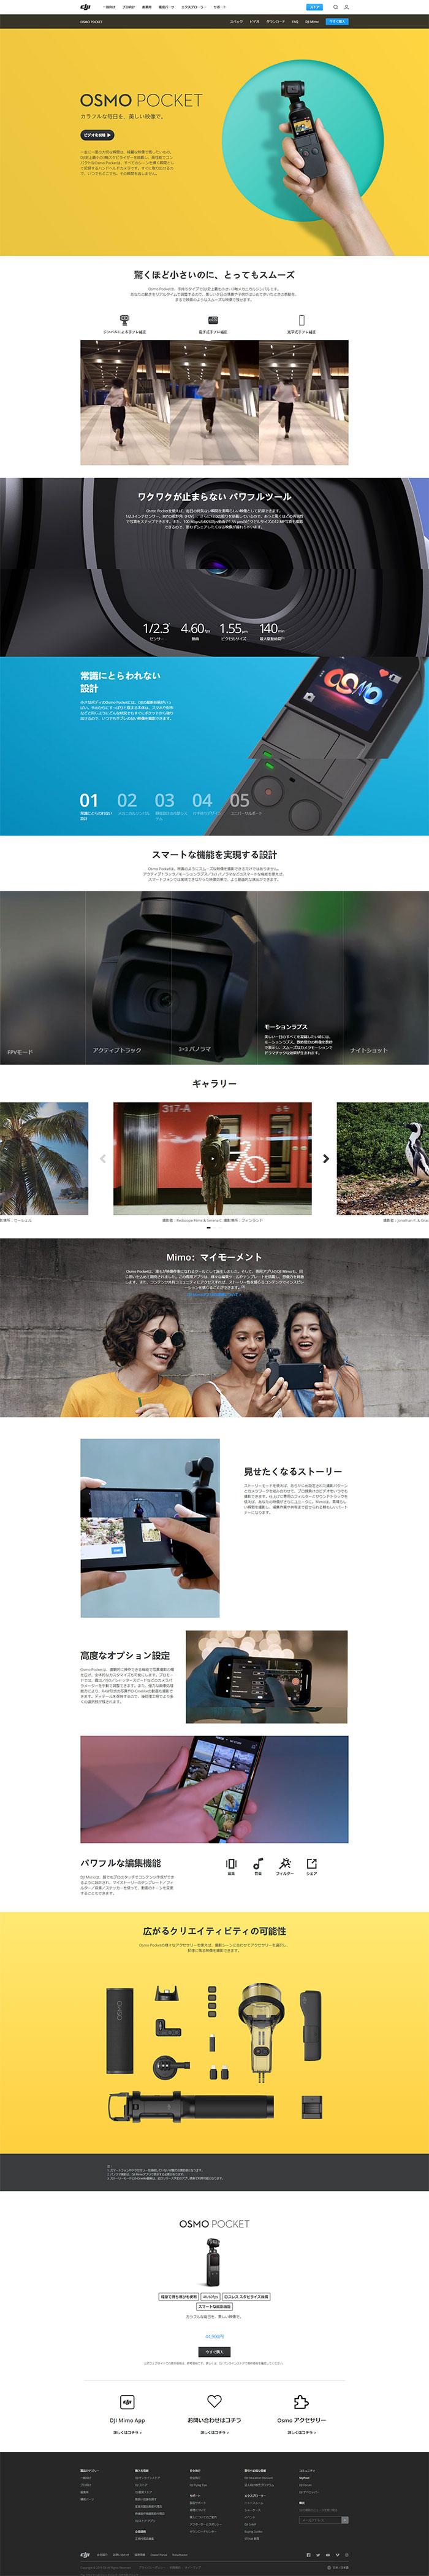 DJI Osmo Pocket – スタビライザー搭載ハンドヘルドカメラ – DJI